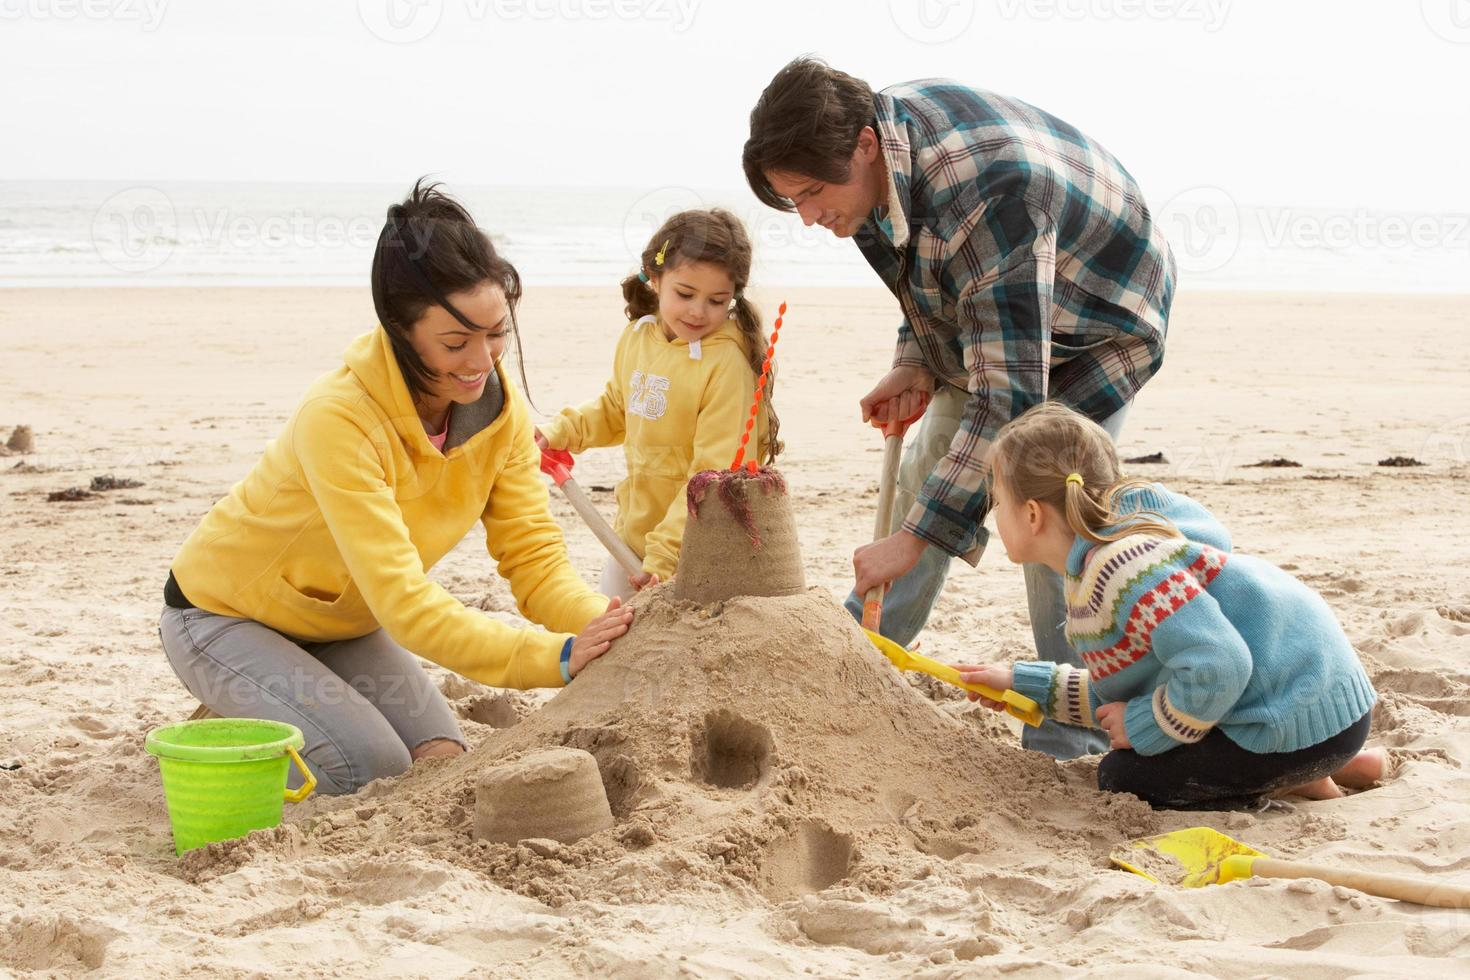 castelo de areia de construção familiar na praia de inverno foto